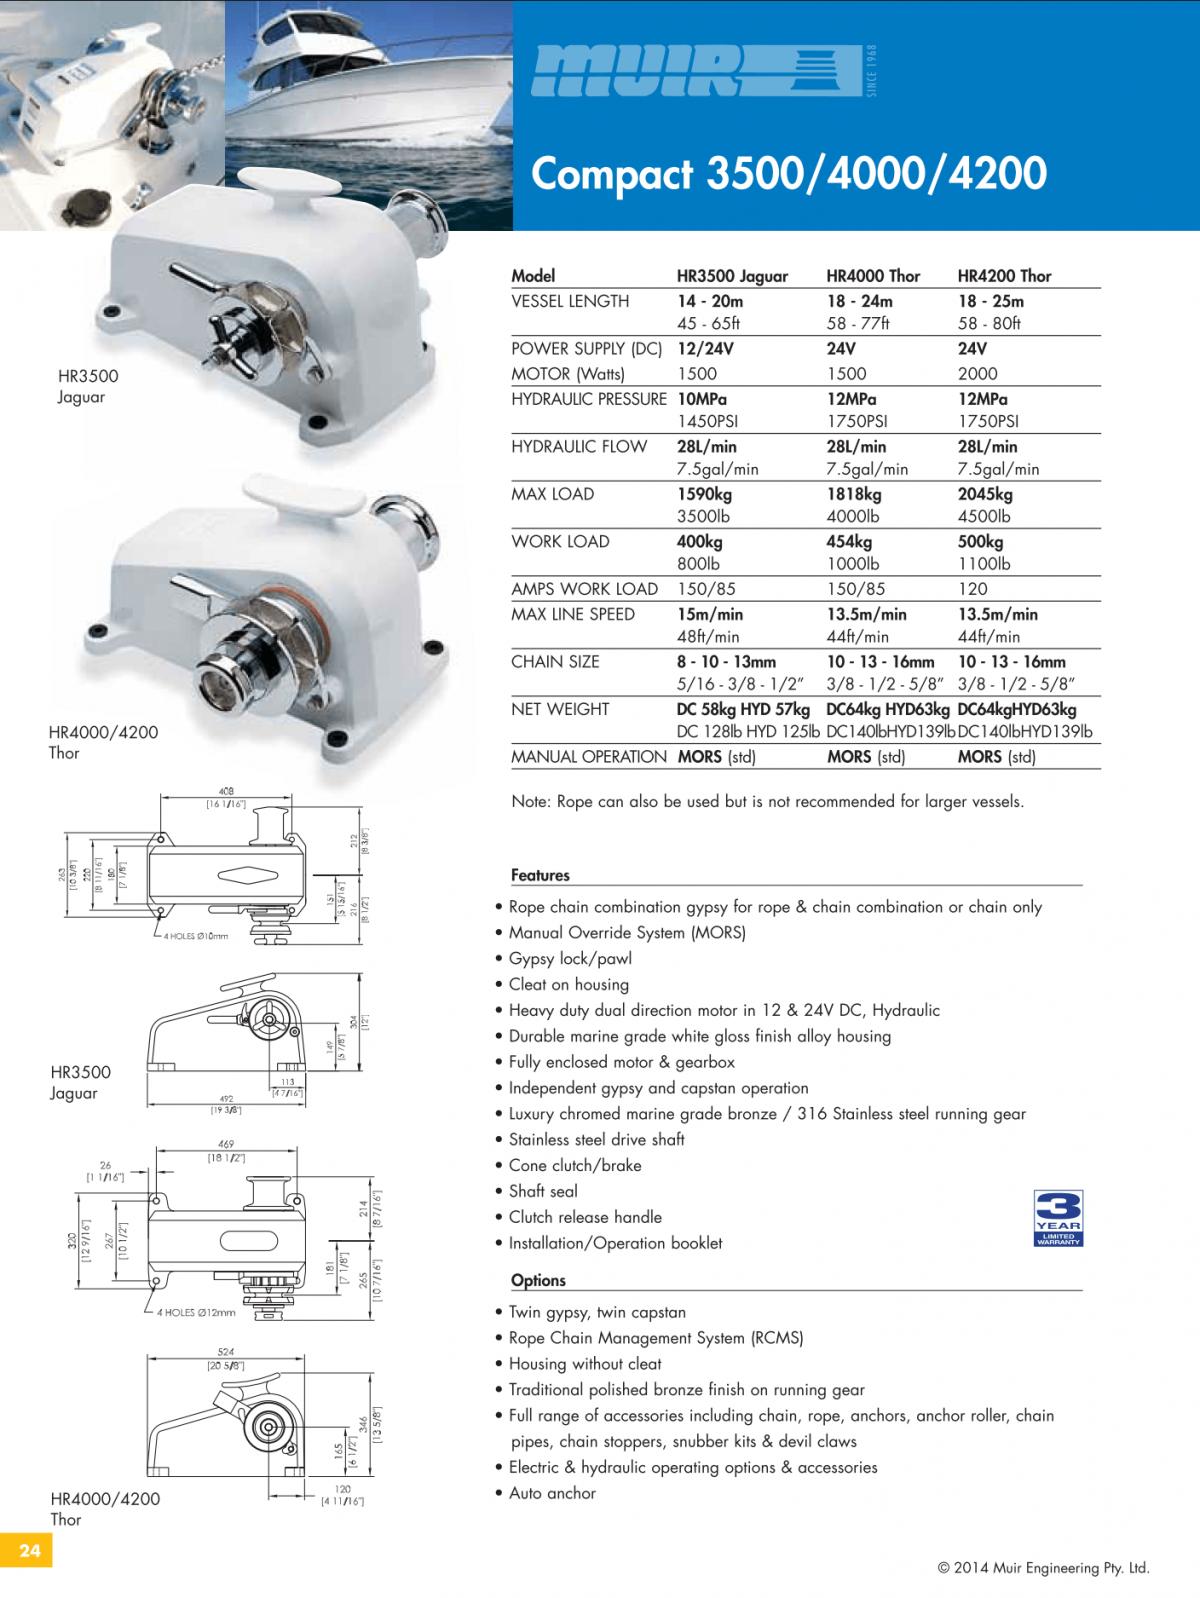 Datenblatt MUIR elektrische horizontale Ankerwinde für Motorboote, Segelyachten, Luxusyachten und Sportboote - HR3500_HR4000_HR4200